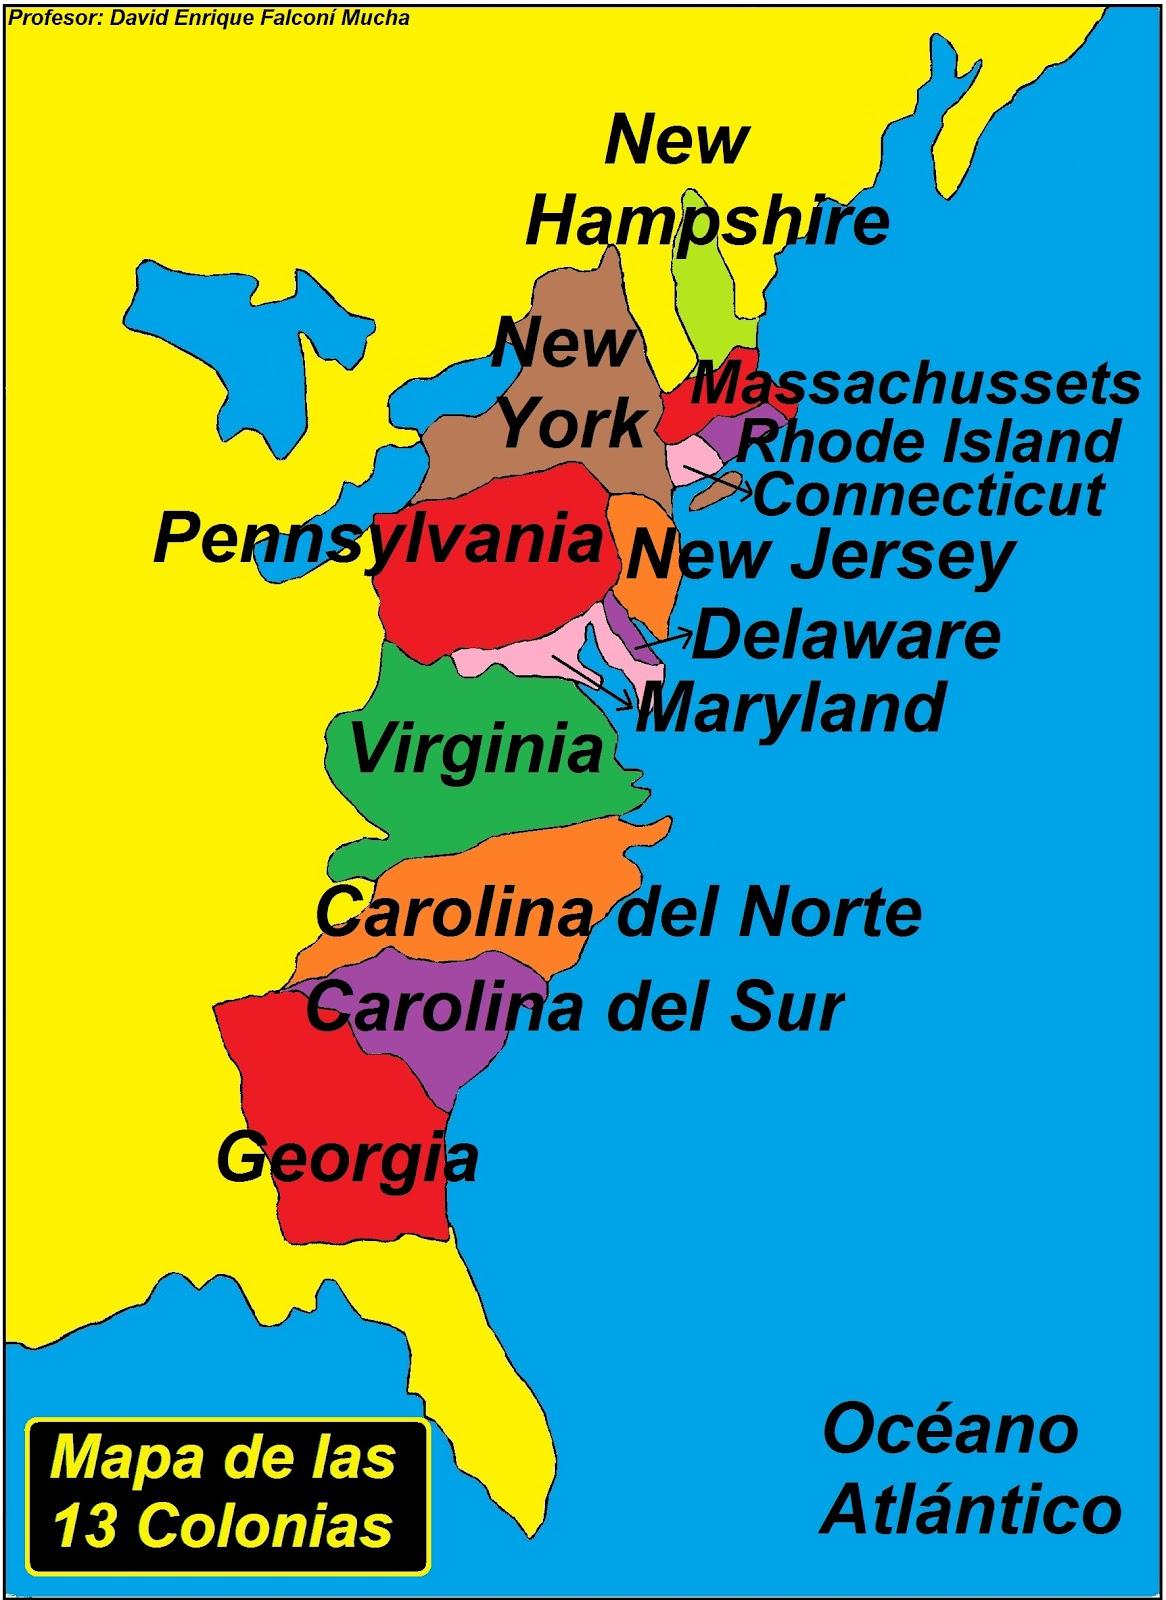 la revolucion de las 13 colonias inglesas: